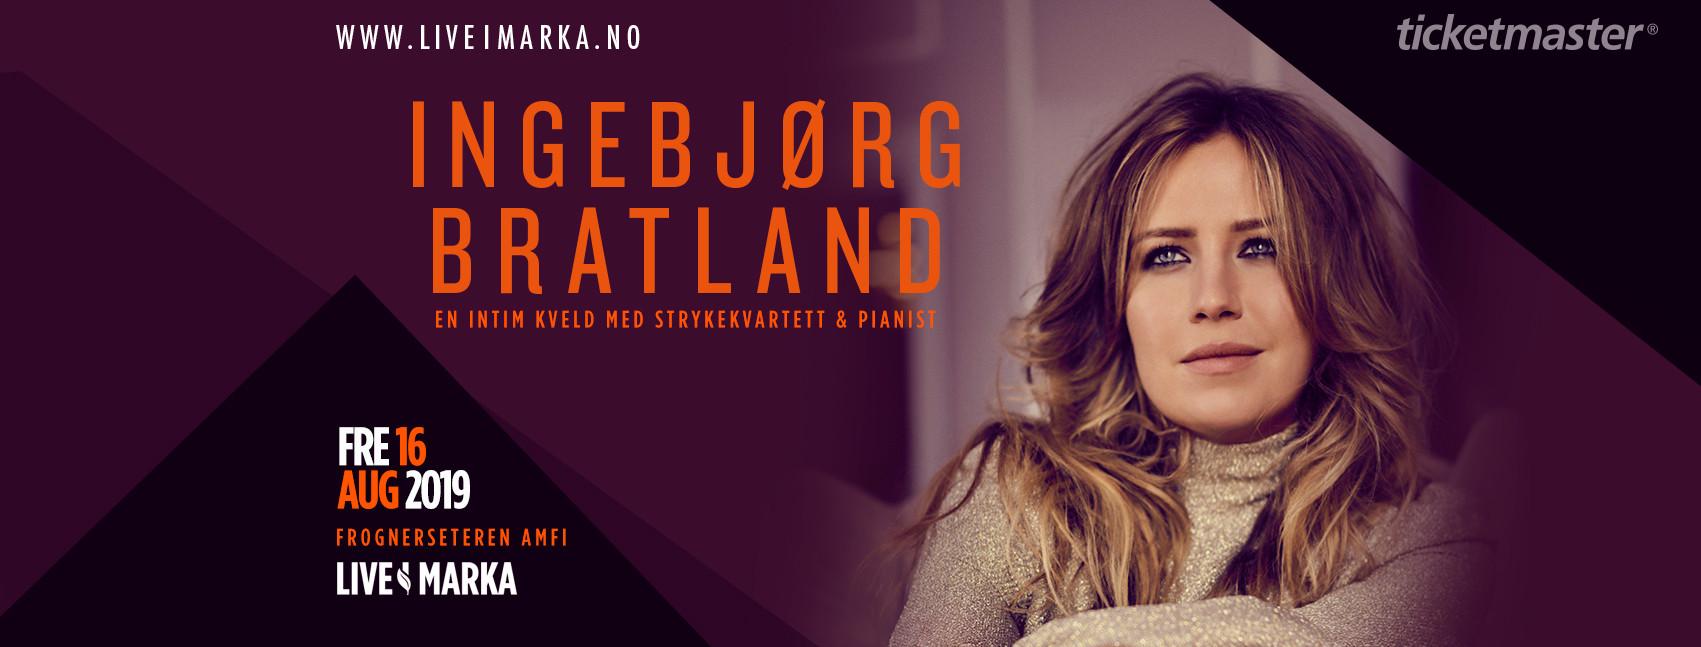 LiveIMarka_2019_Ingebjorg_FB_Banner.jpg